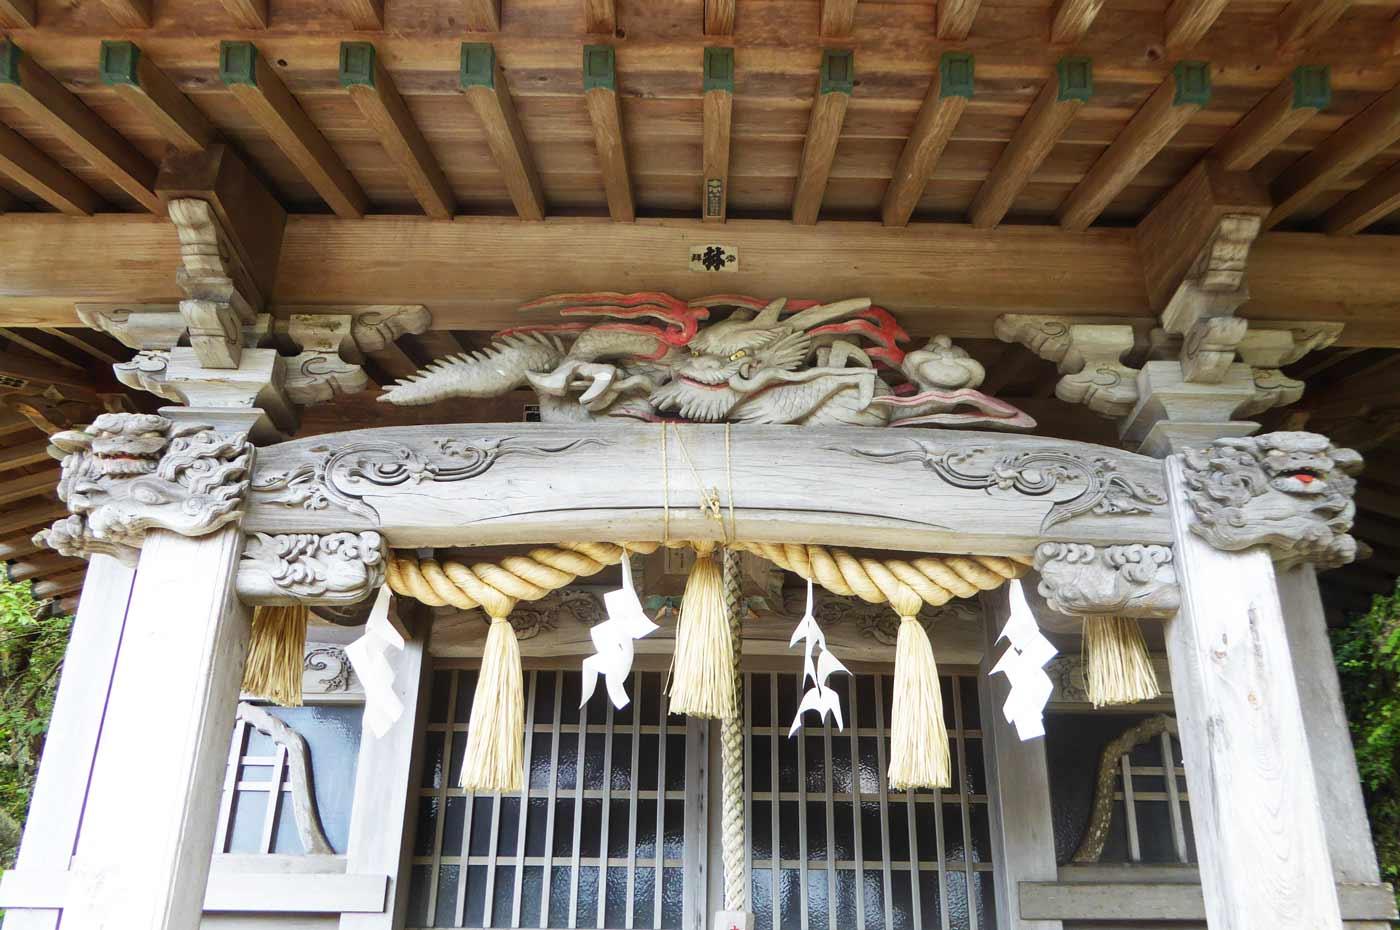 諏訪神社の稲垣祥三 の彫刻の画像